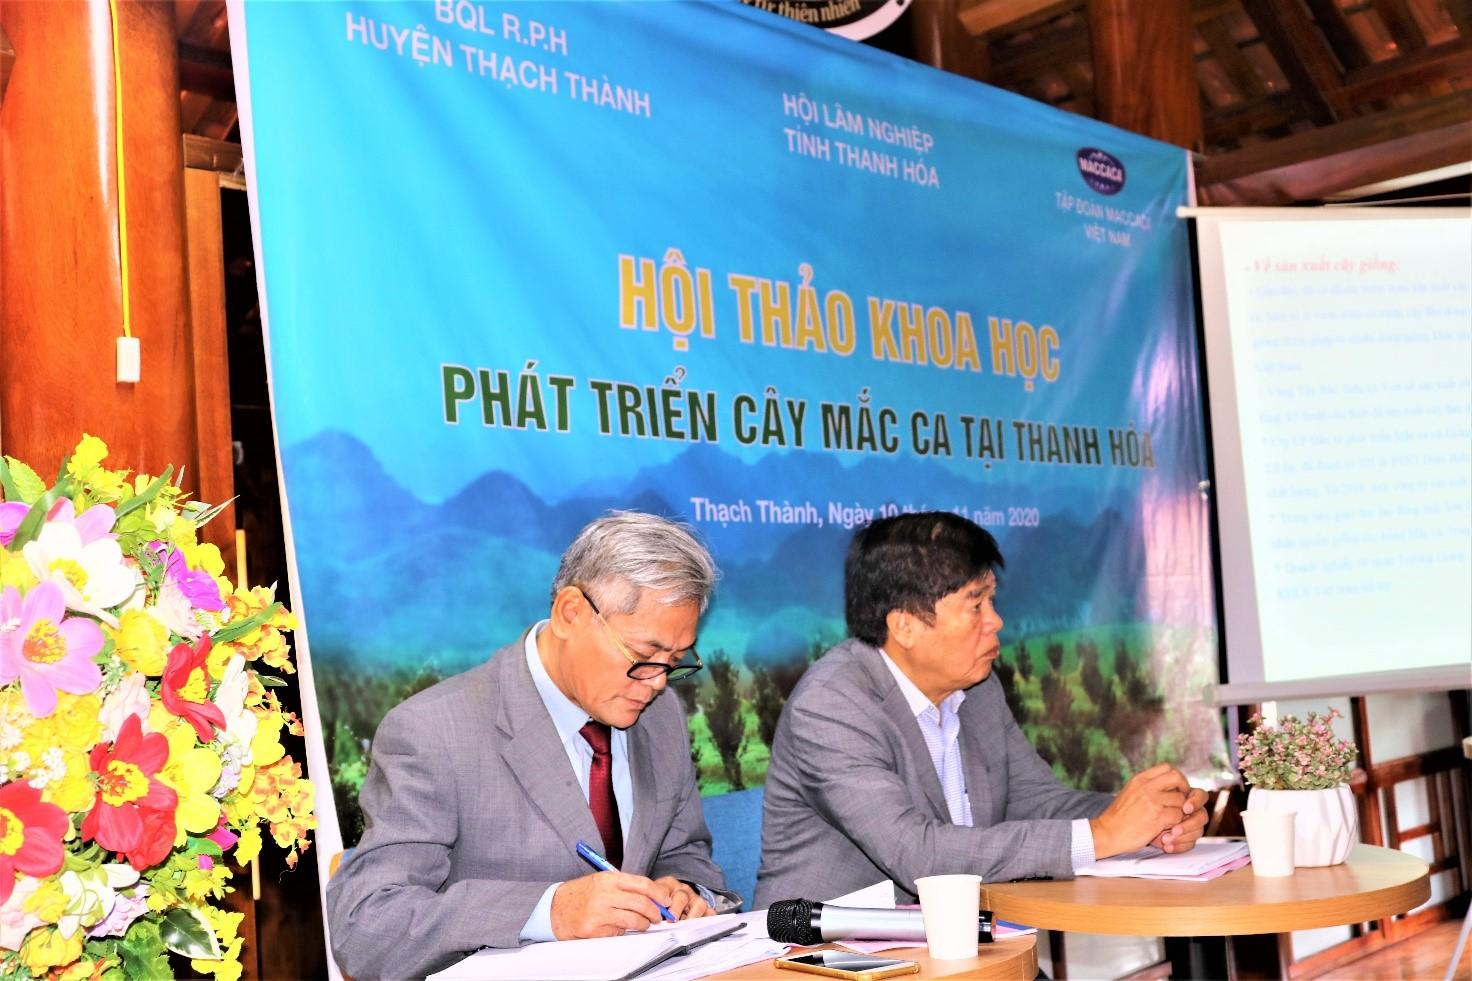 Thanh Hóa: Thúc đẩy quy hoạch phát triển cây mắc ca góp phần chuyển dịch cơ cấu kinh tế nông nghiệp - Ảnh 2